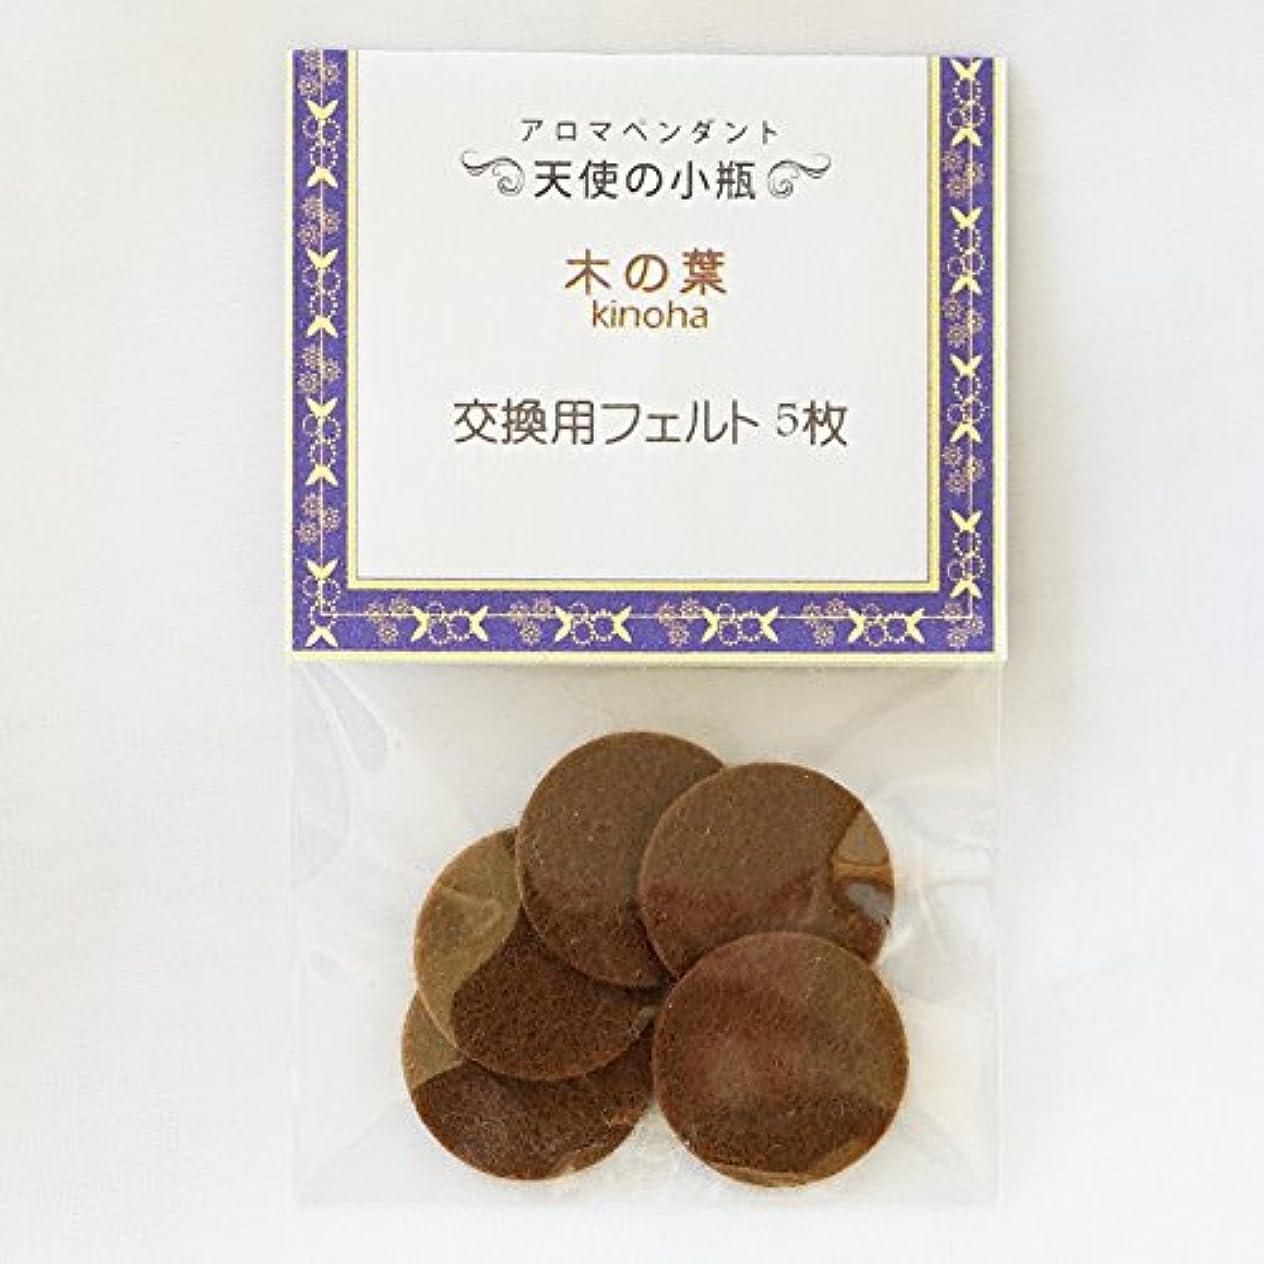 物語難しいスキャン【天使の小瓶】 木の葉(アンティークゴールド)交換用フェルト5枚